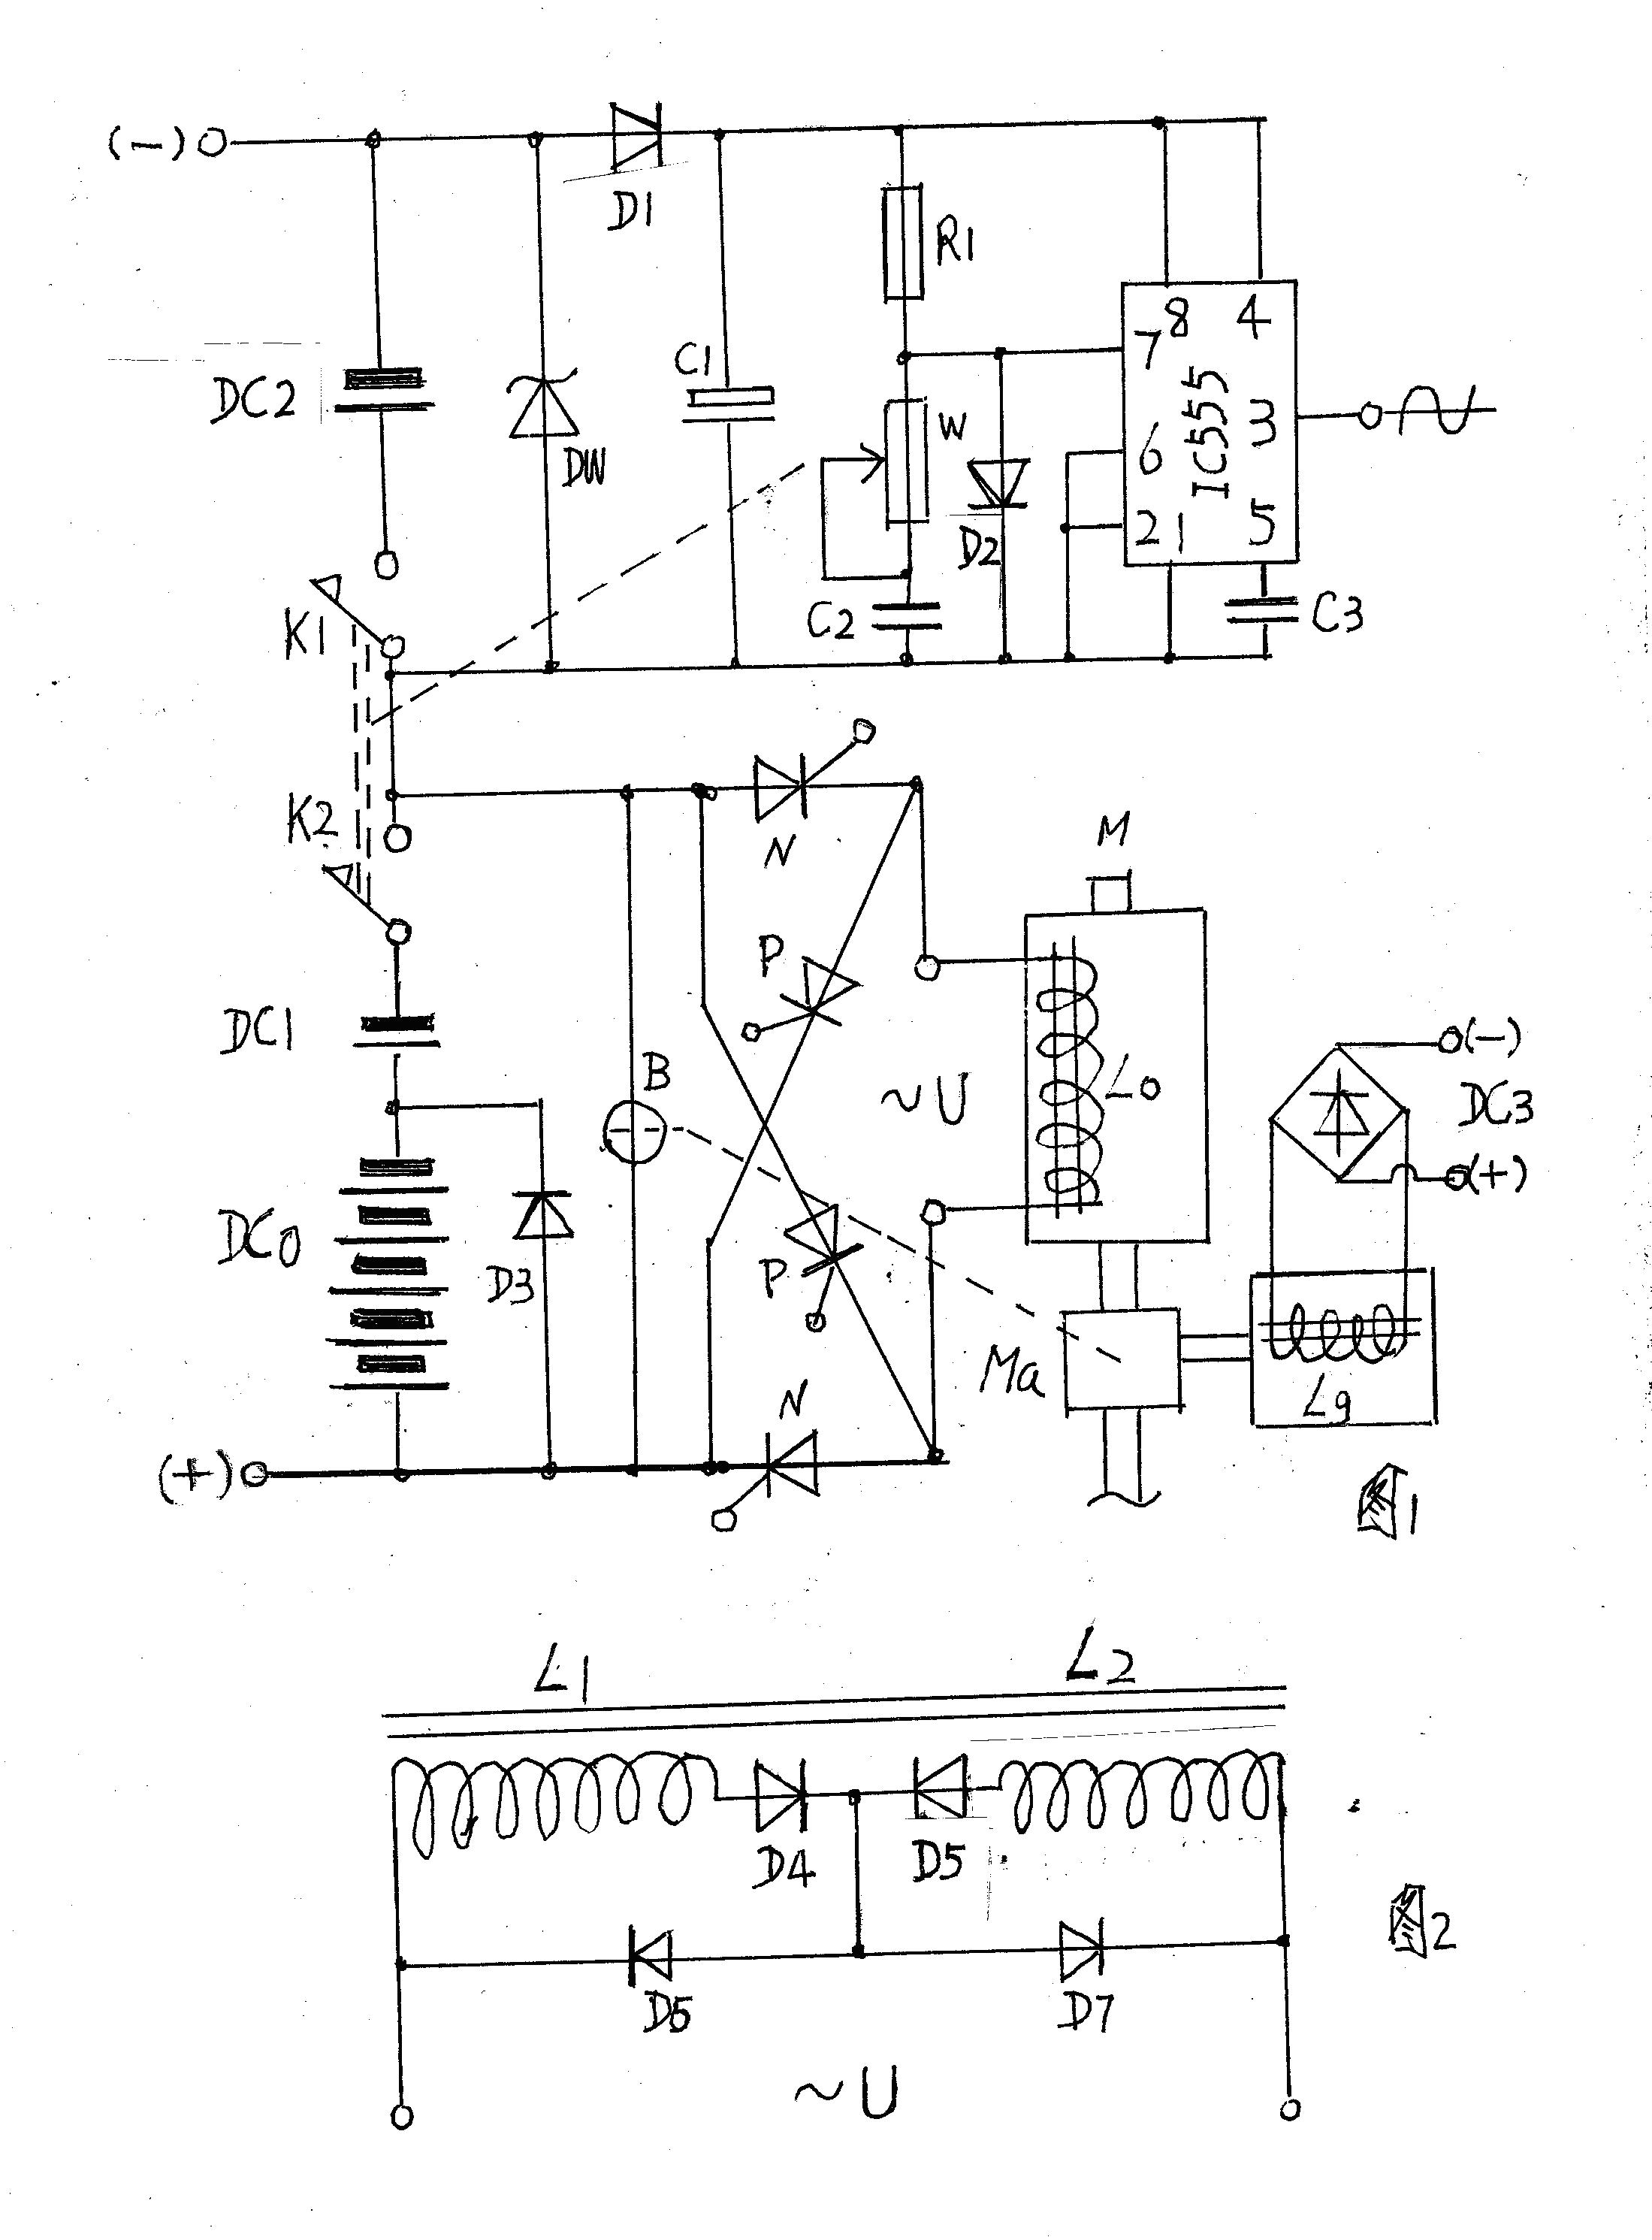 一种可使电动车辆自发电充电的驱动电源装置附图